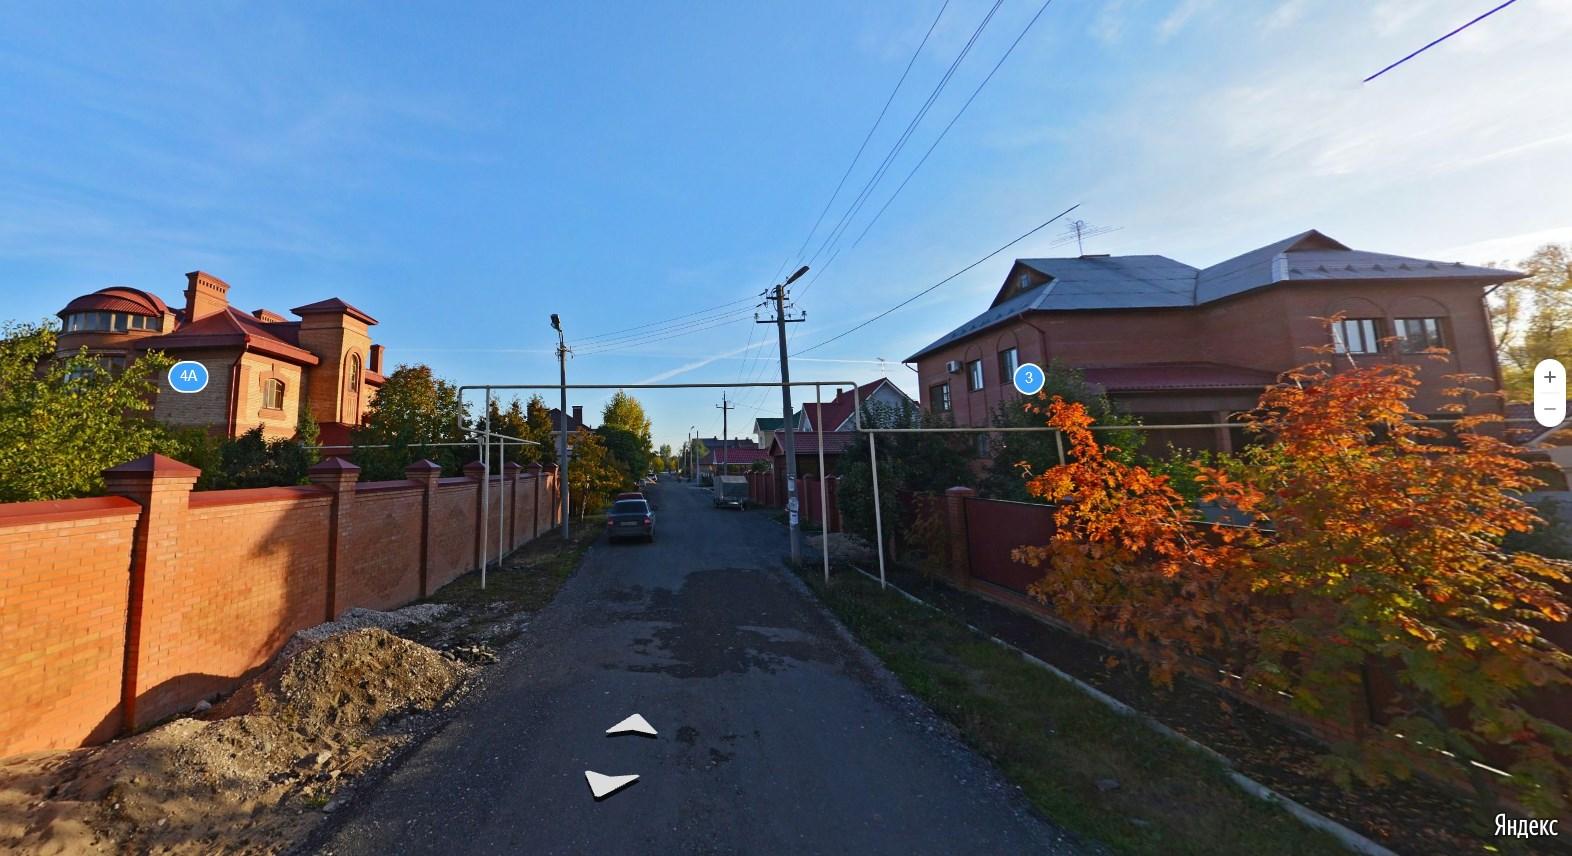 Волгарей улица